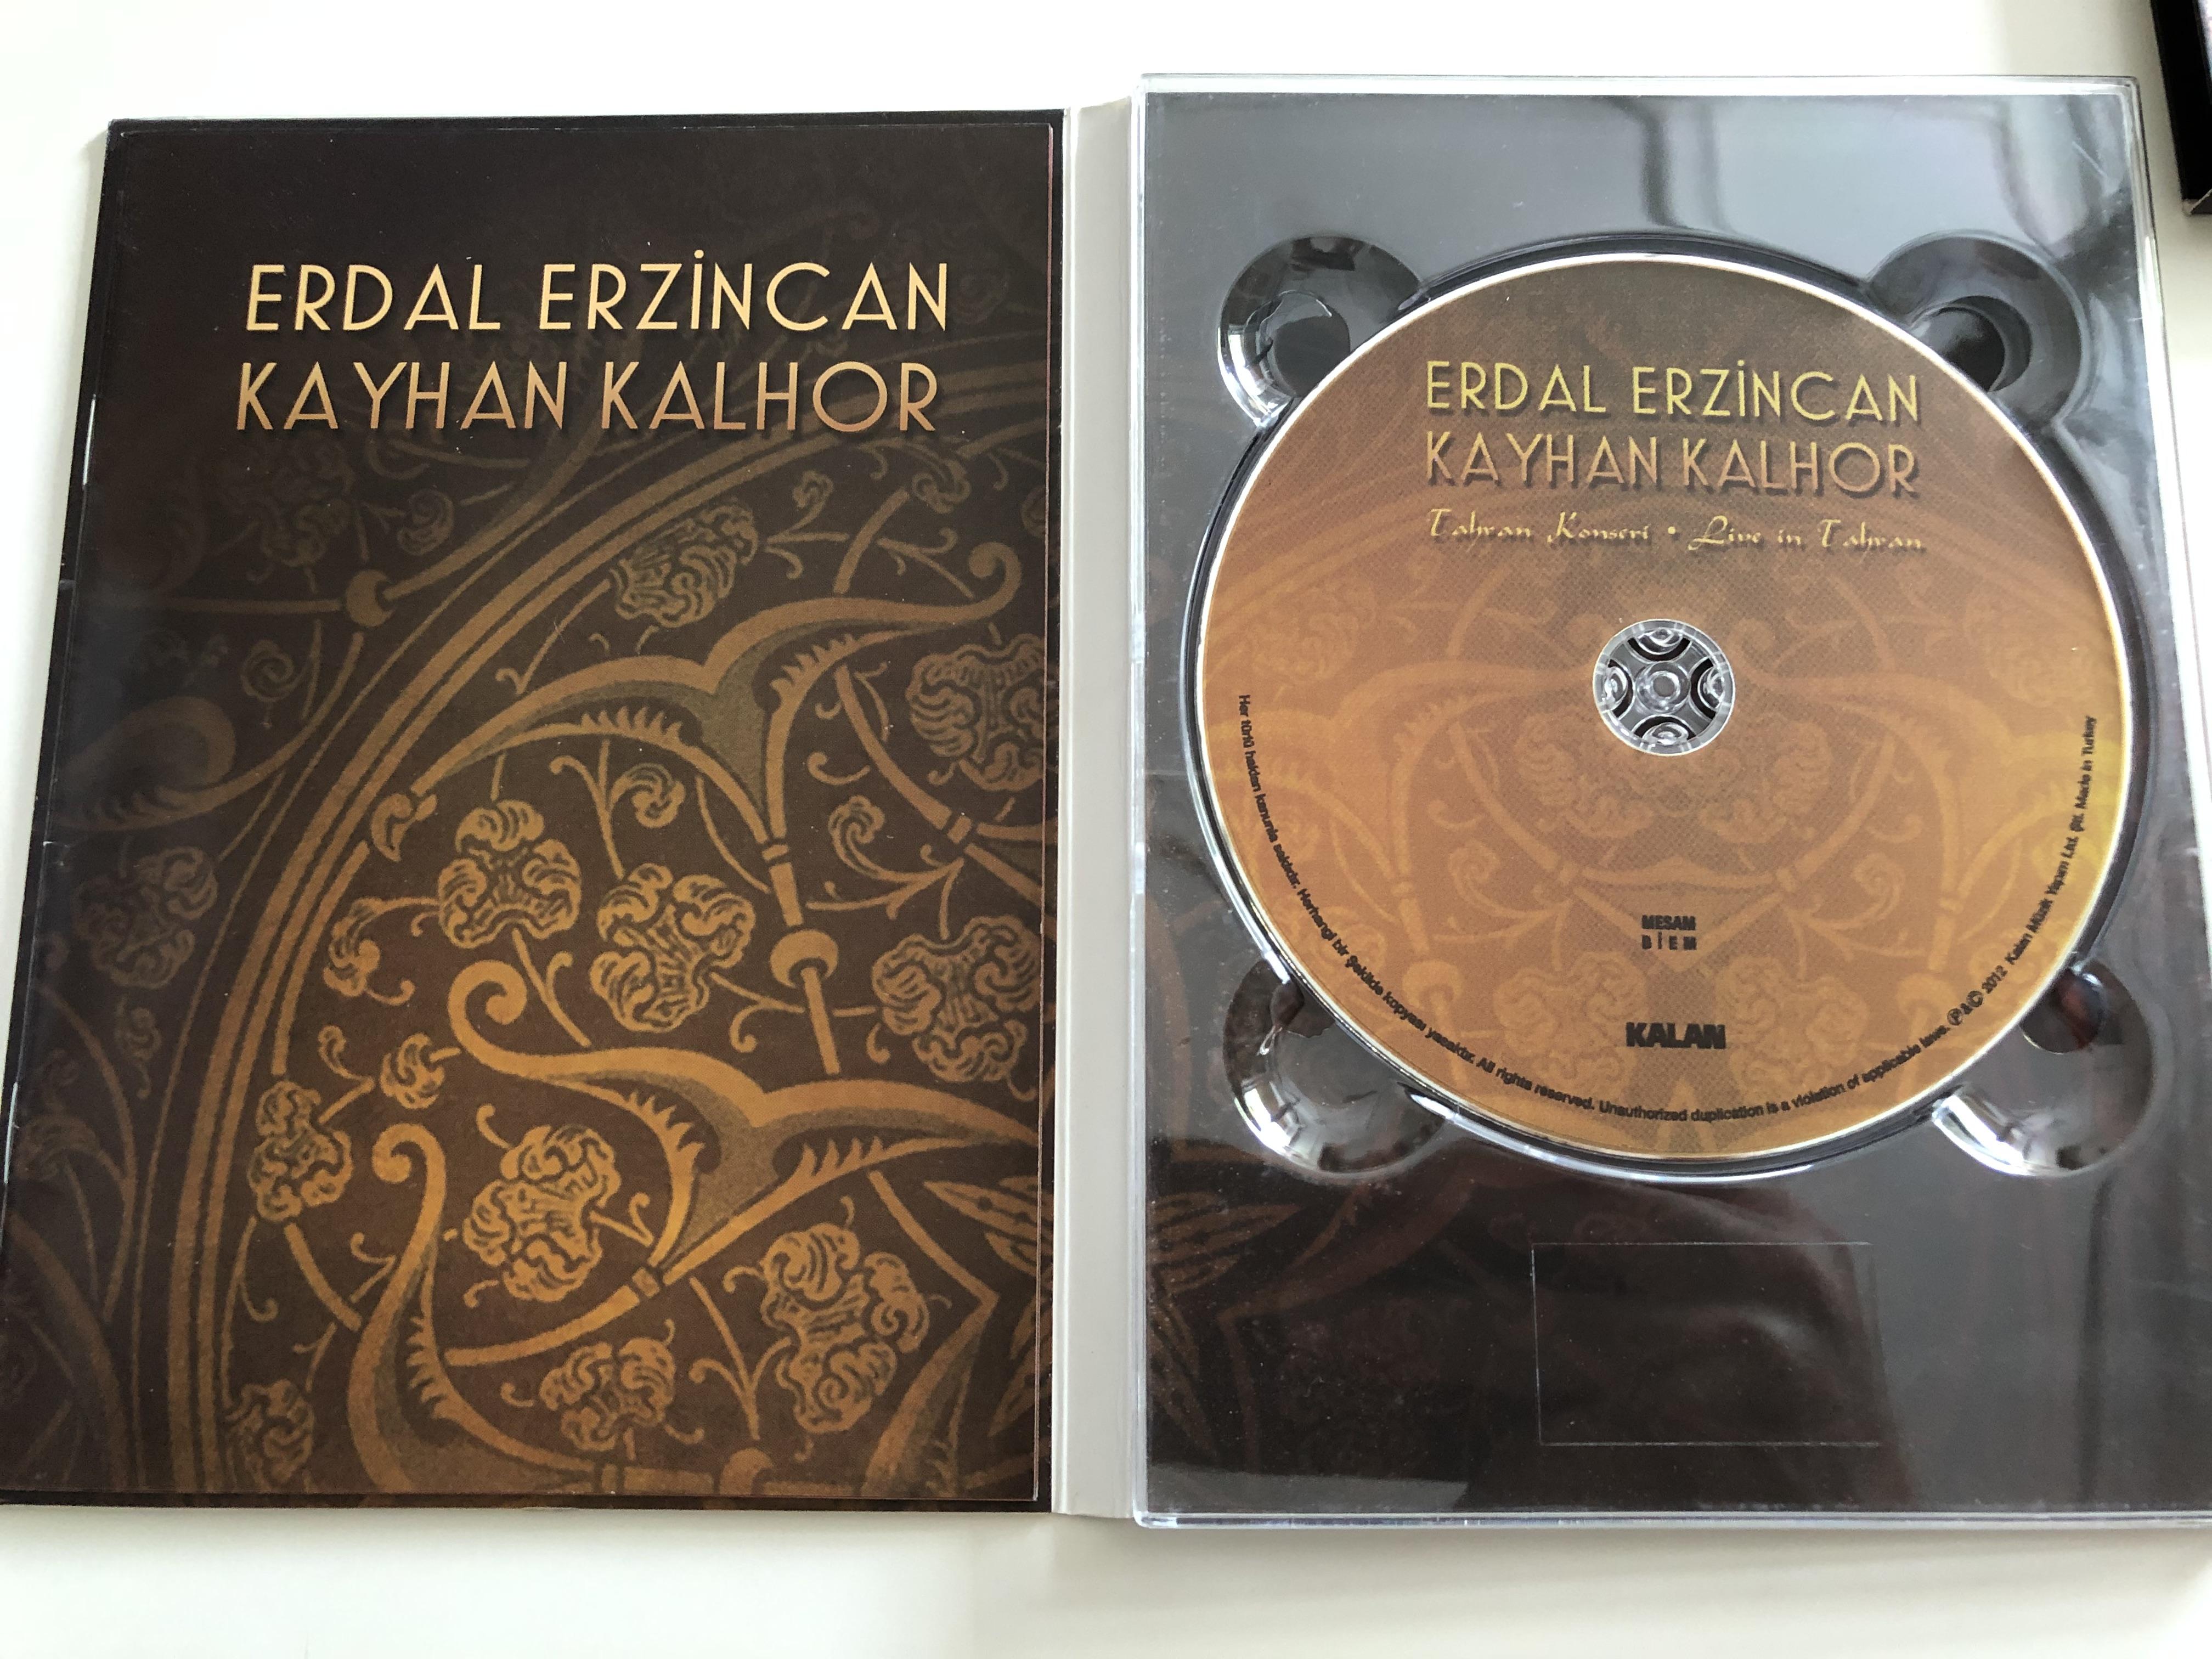 erdal-erzincan-kayhan-kalhor-tahran-konseri-live-in-tahran-dvd-2012-kalan-m-zik-live-concert-recording-4-.jpg